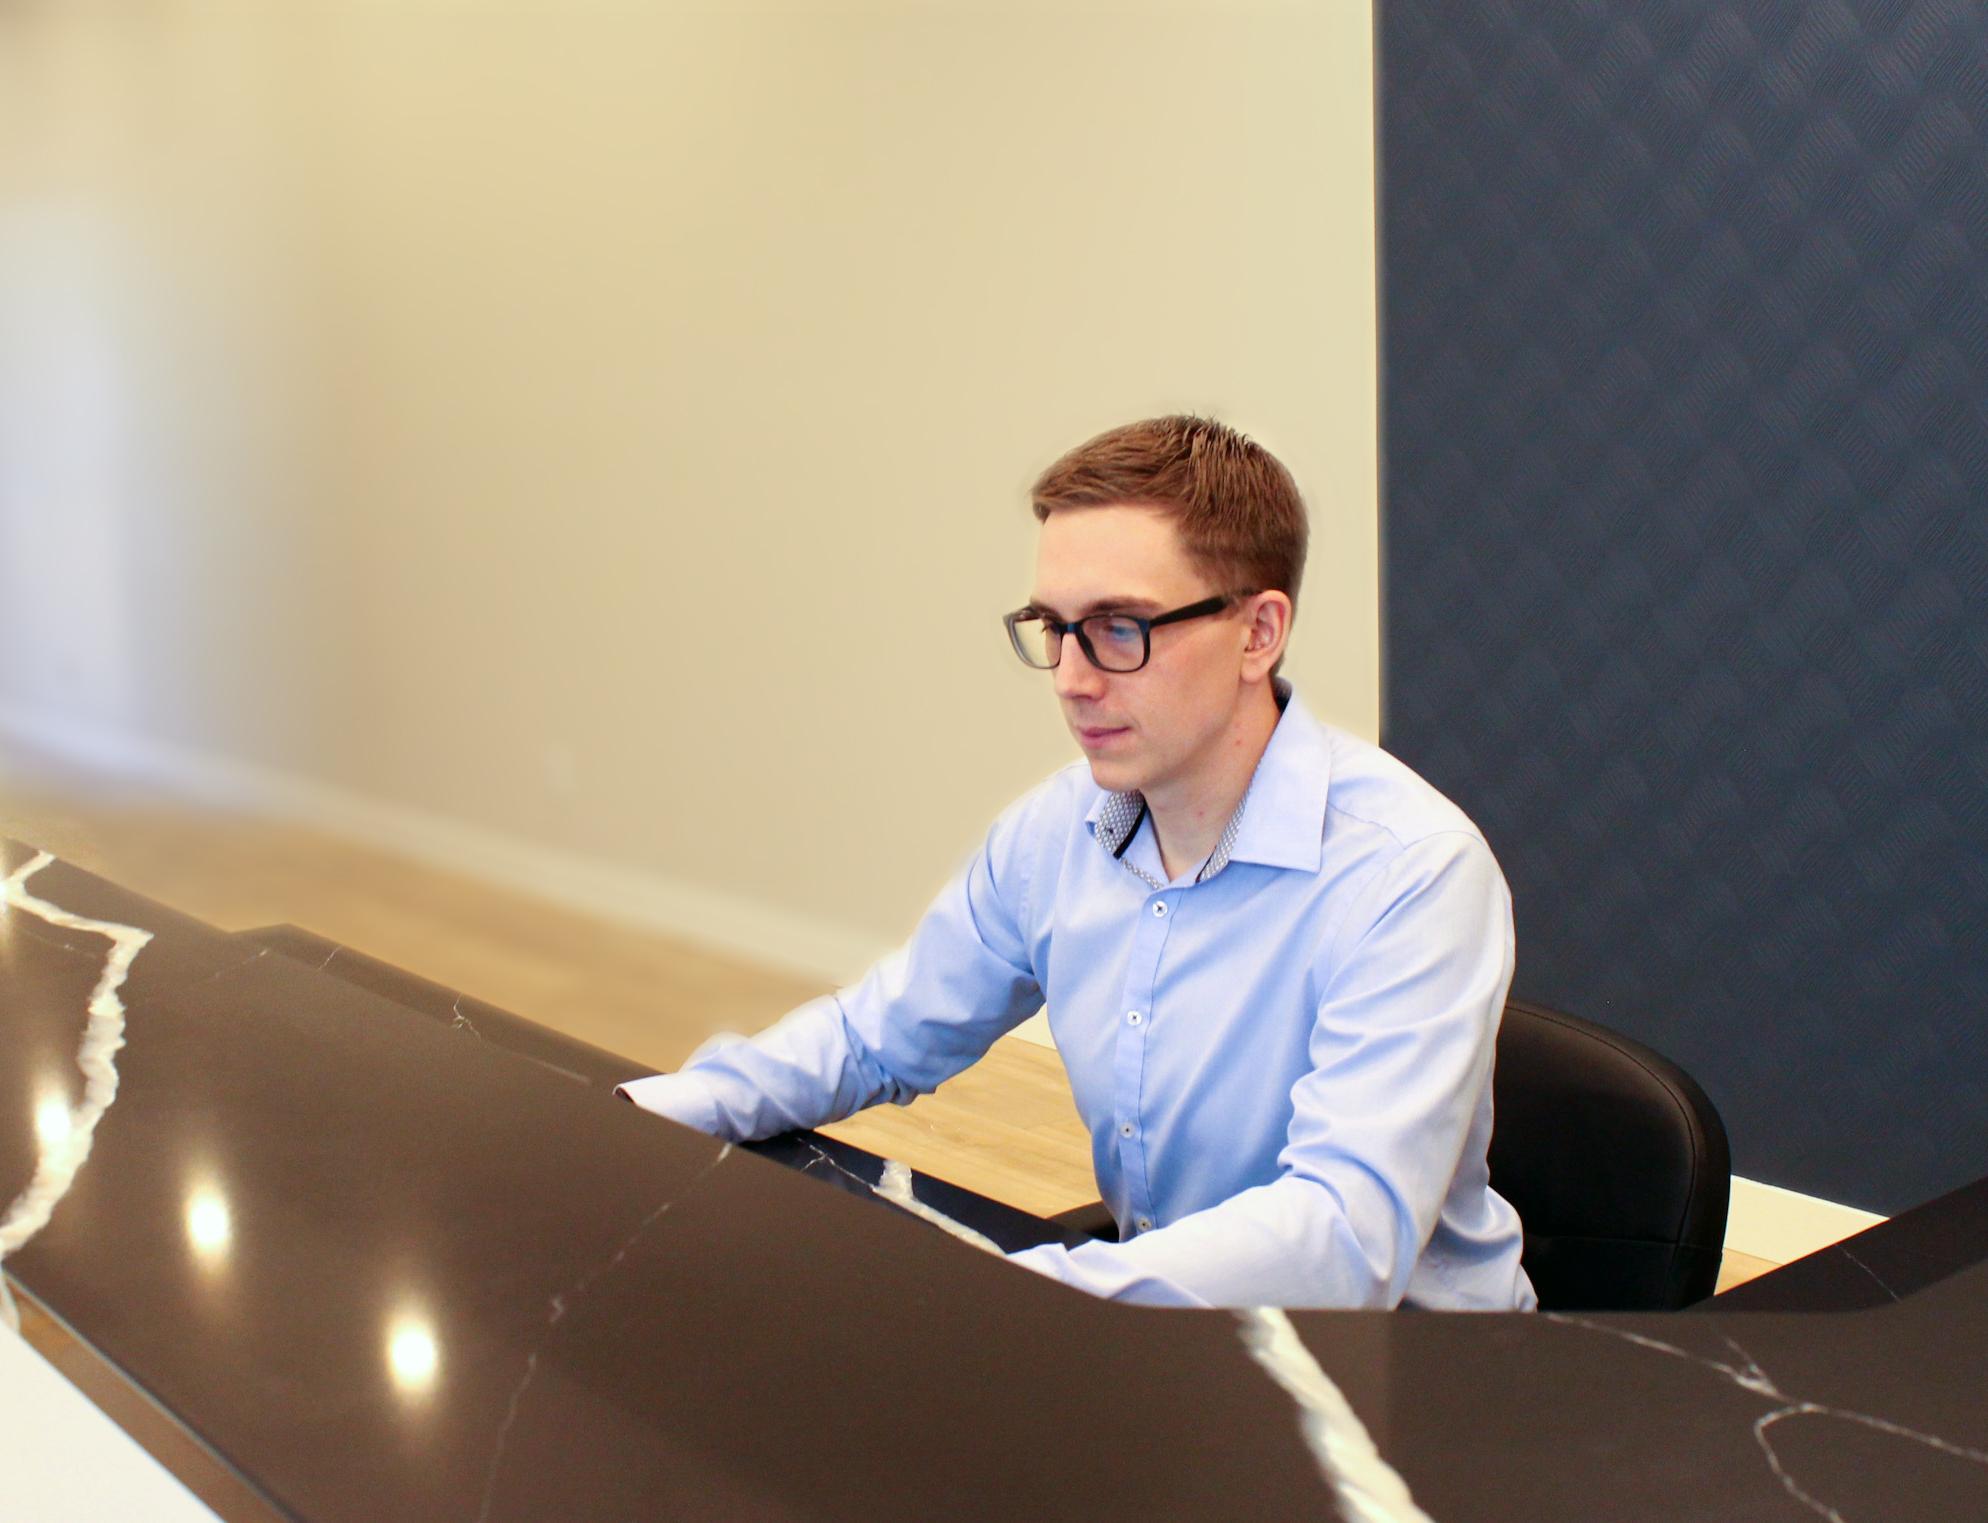 Beltone At Desk 1